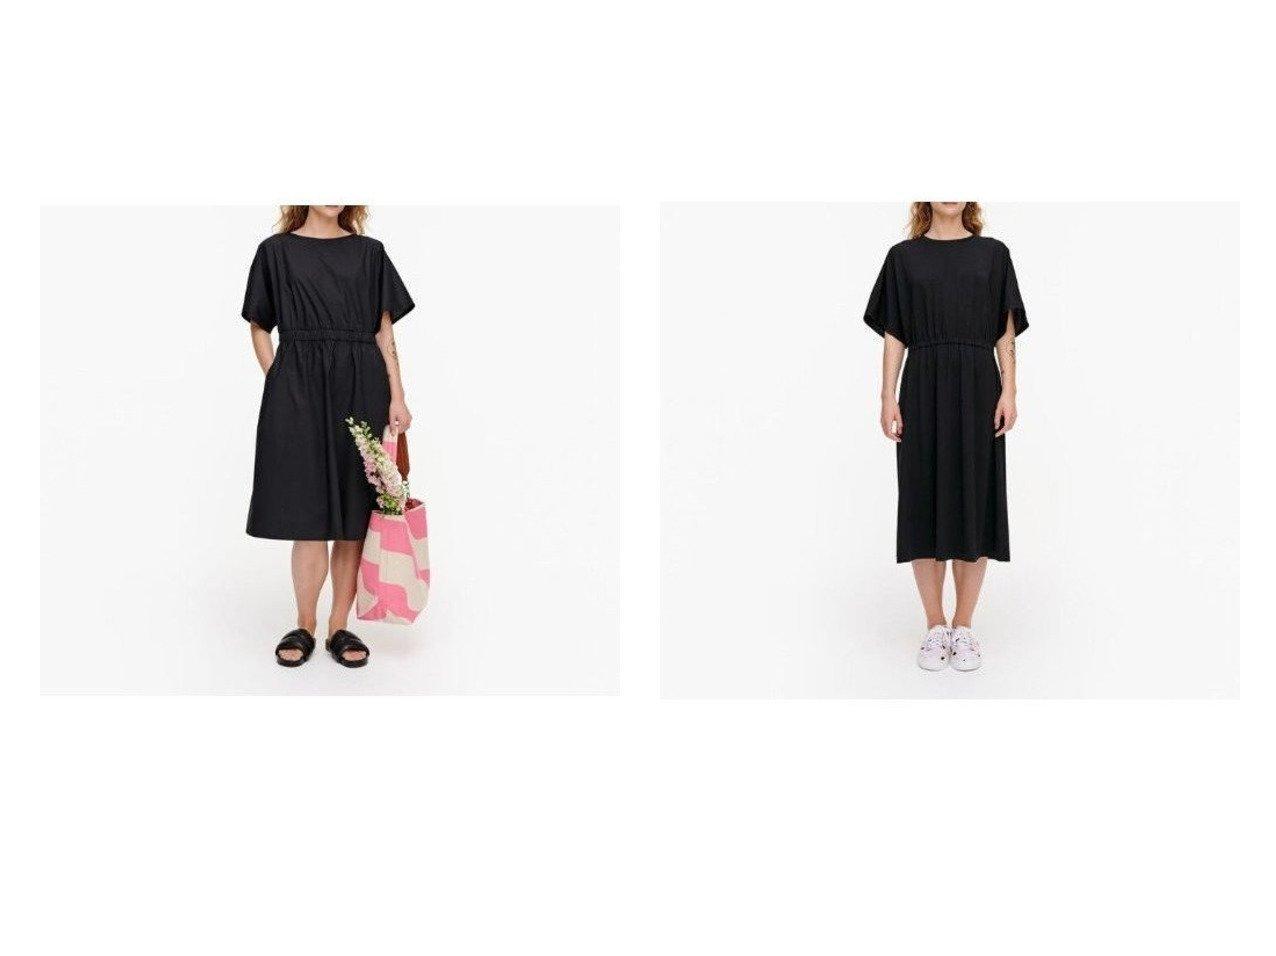 【marimekko/マリメッコ】のSaapuu ワンピース&Ikkunani ワンピース おすすめ!人気、トレンド・レディースファッションの通販 おすすめで人気の流行・トレンド、ファッションの通販商品 メンズファッション・キッズファッション・インテリア・家具・レディースファッション・服の通販 founy(ファニー) https://founy.com/ ファッション Fashion レディースファッション WOMEN ワンピース Dress ギャザー スリーブ シンプル 今季 |ID:crp329100000035904